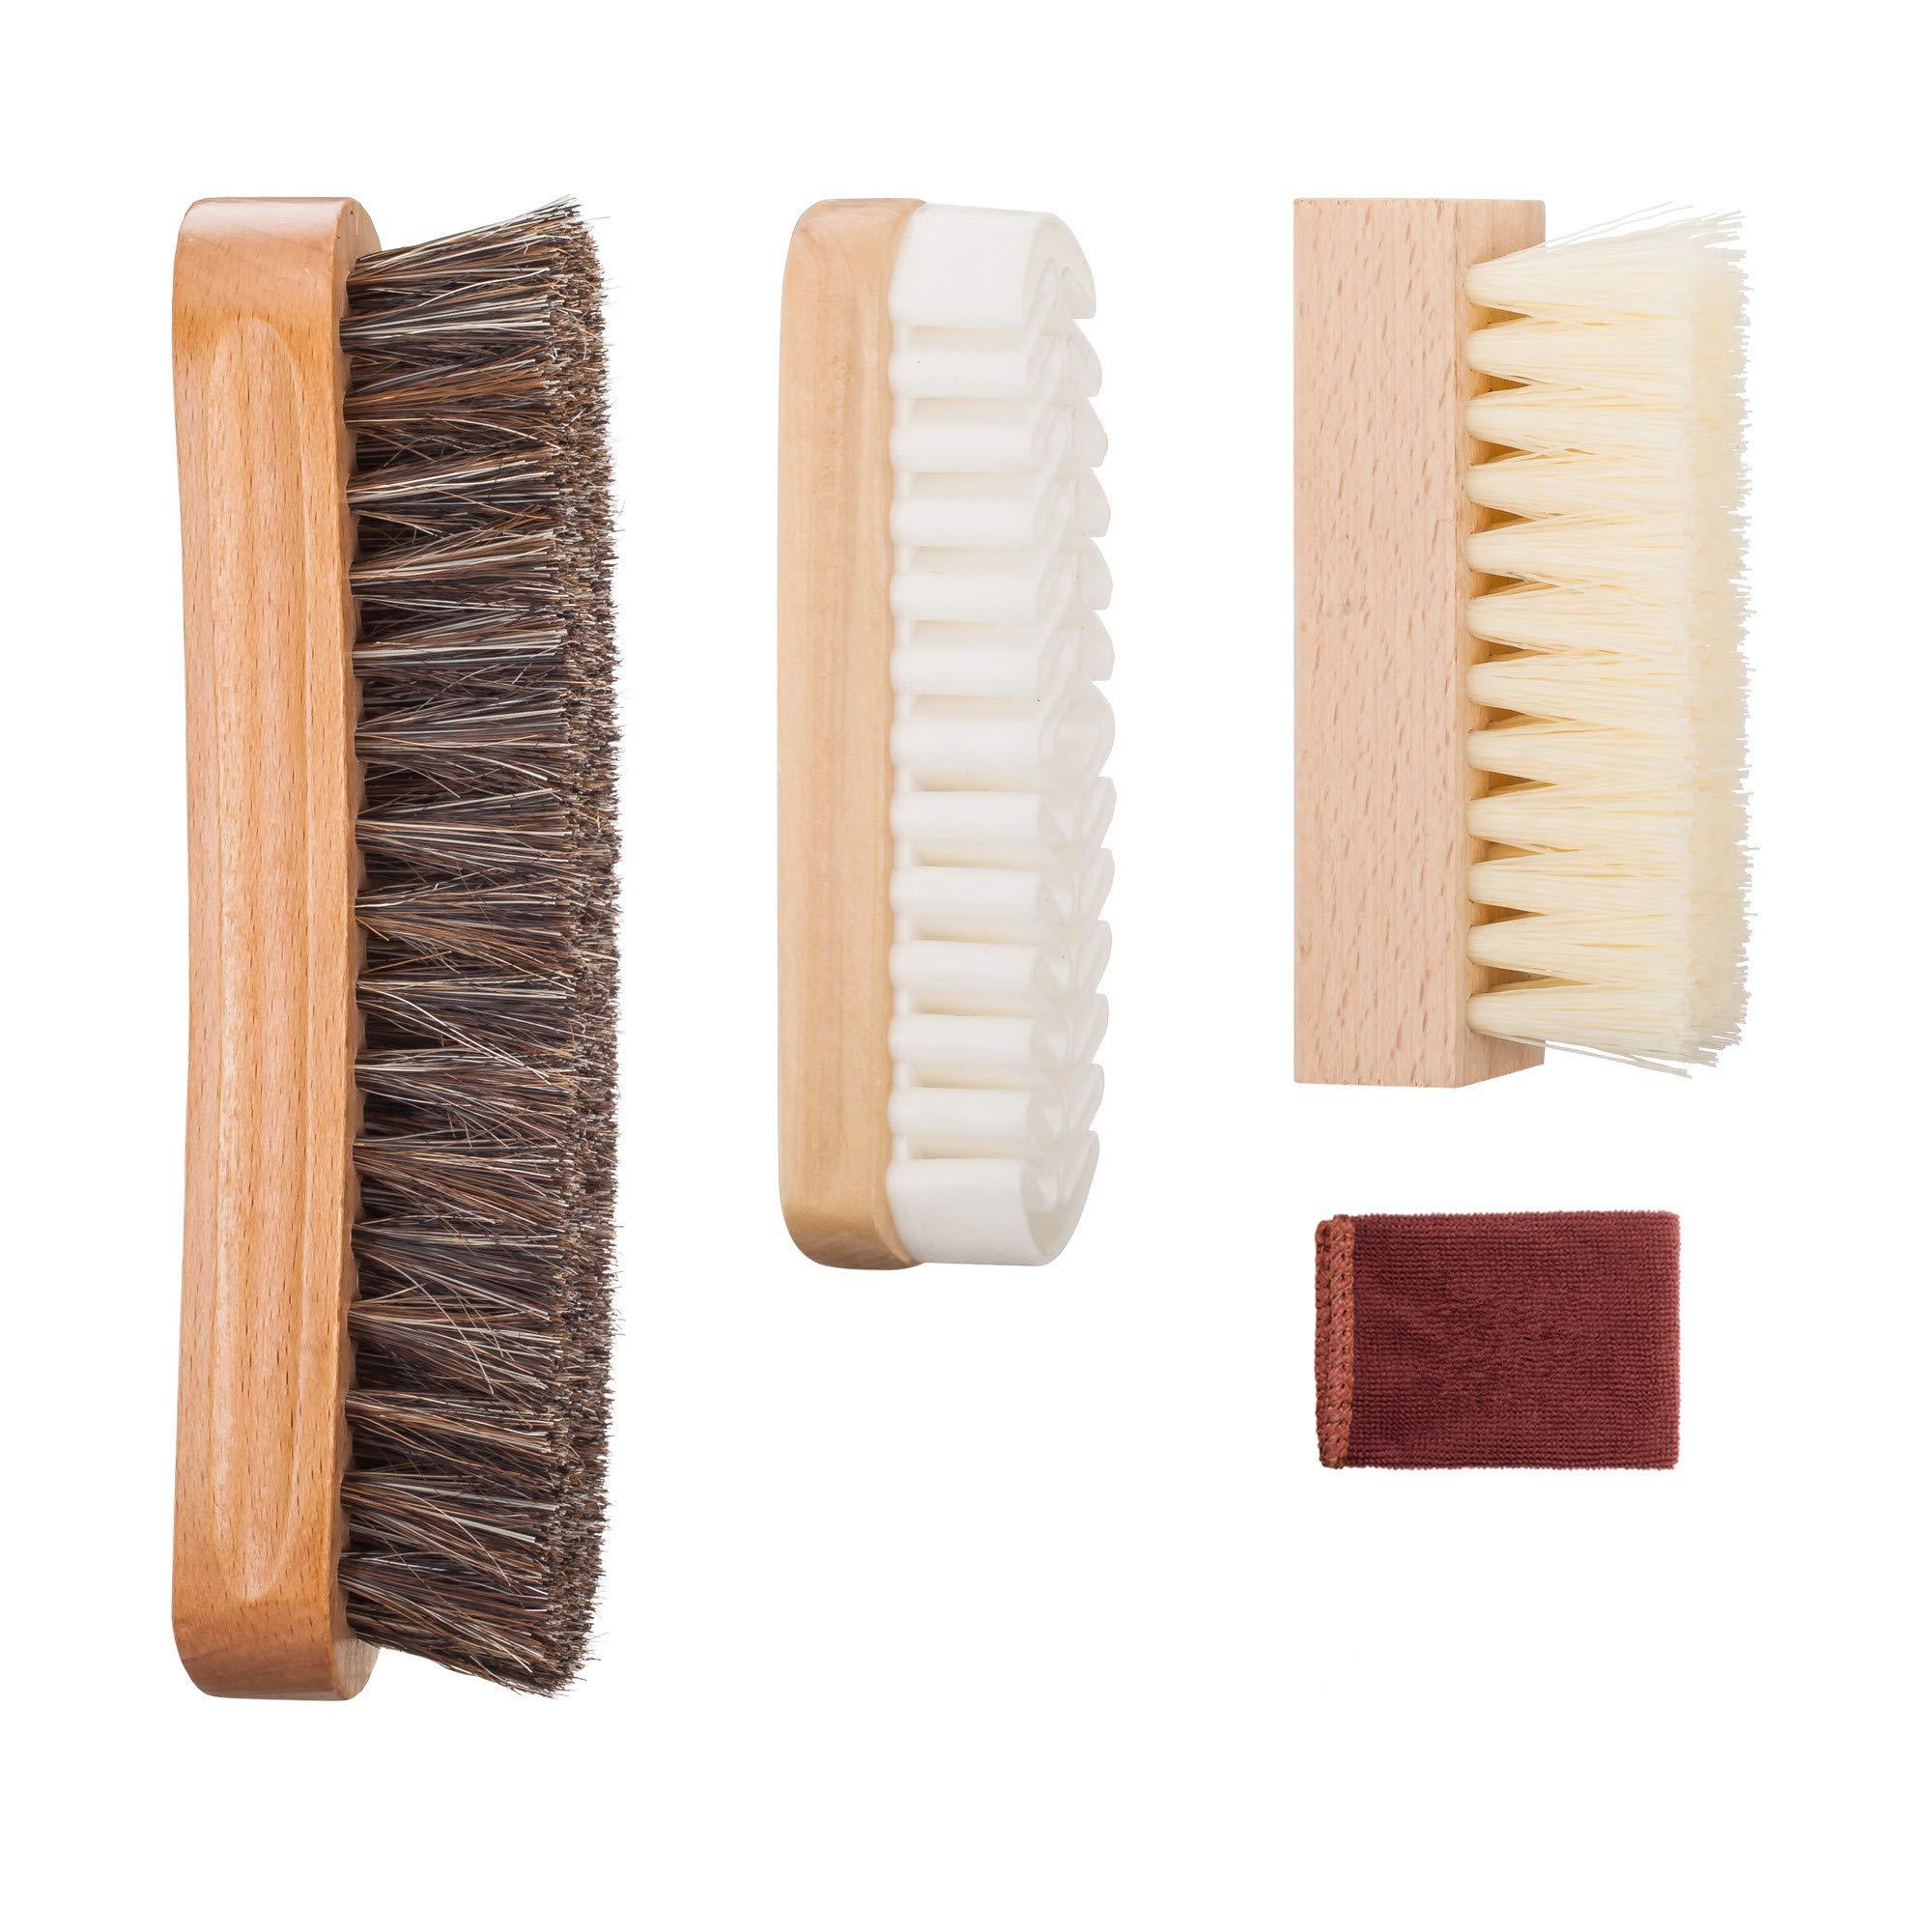 Kit de cepillo para zapatos con cepillo de zapato 100% de ce